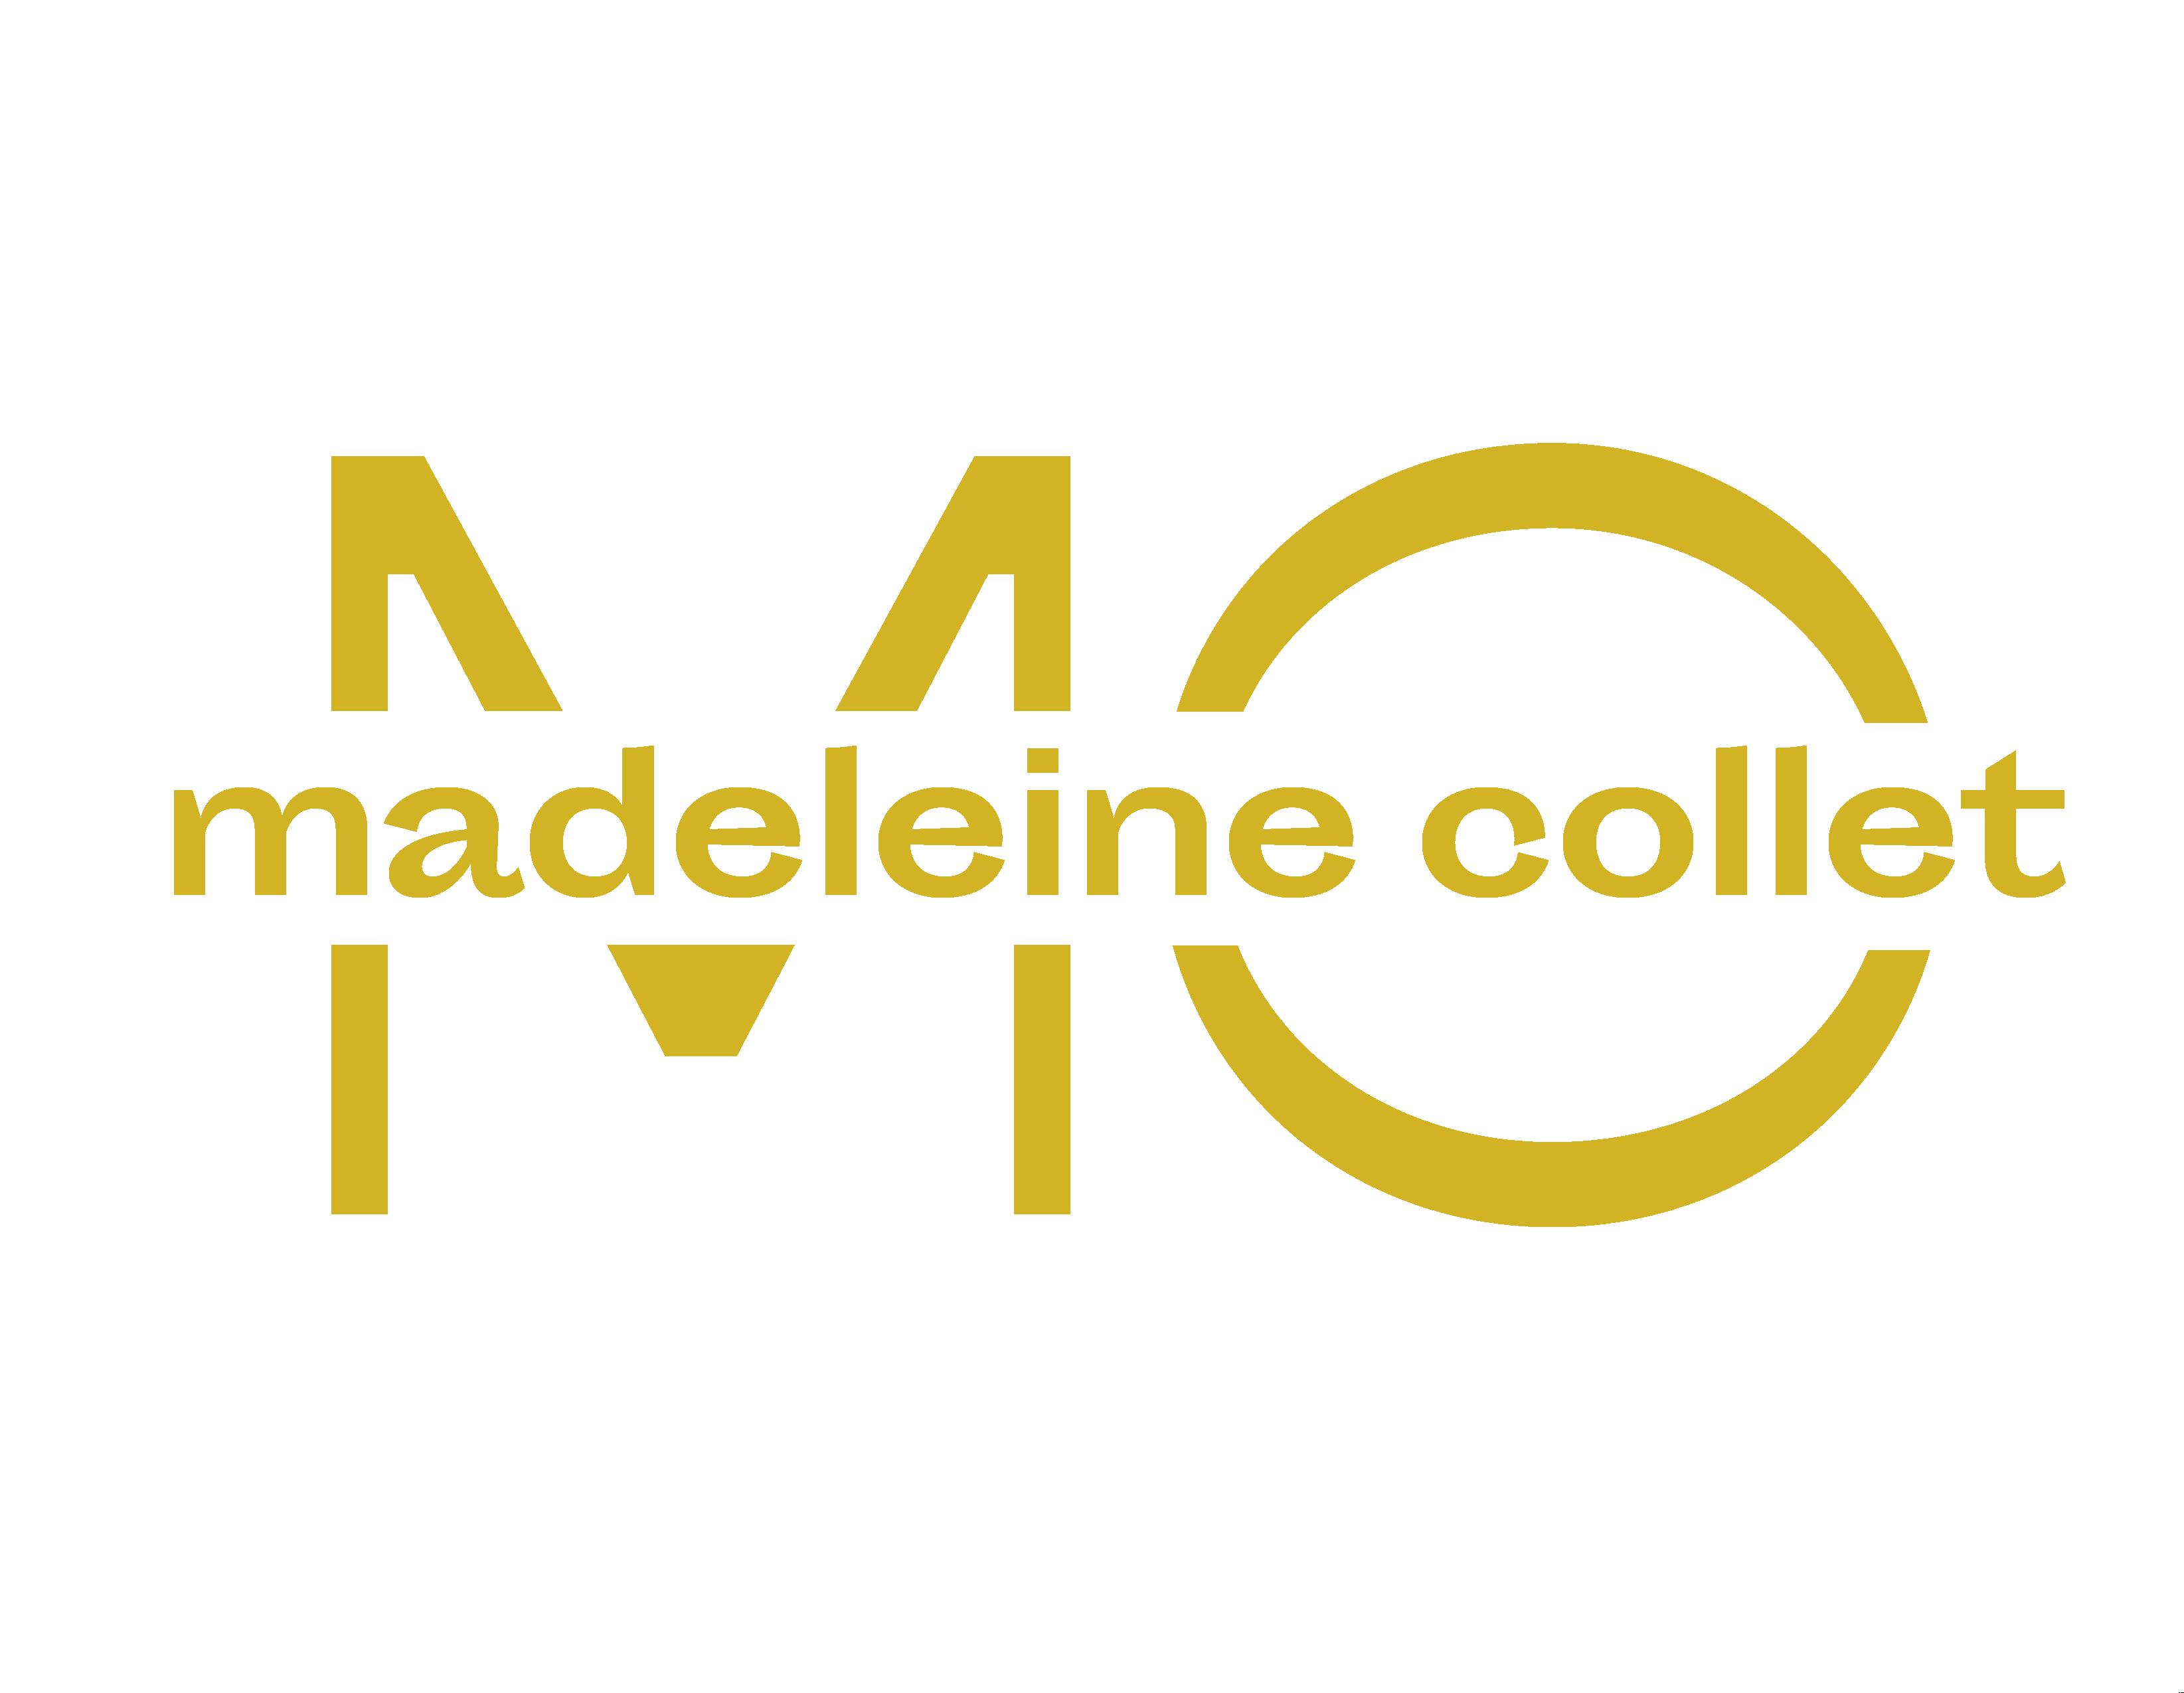 Maddie Collet